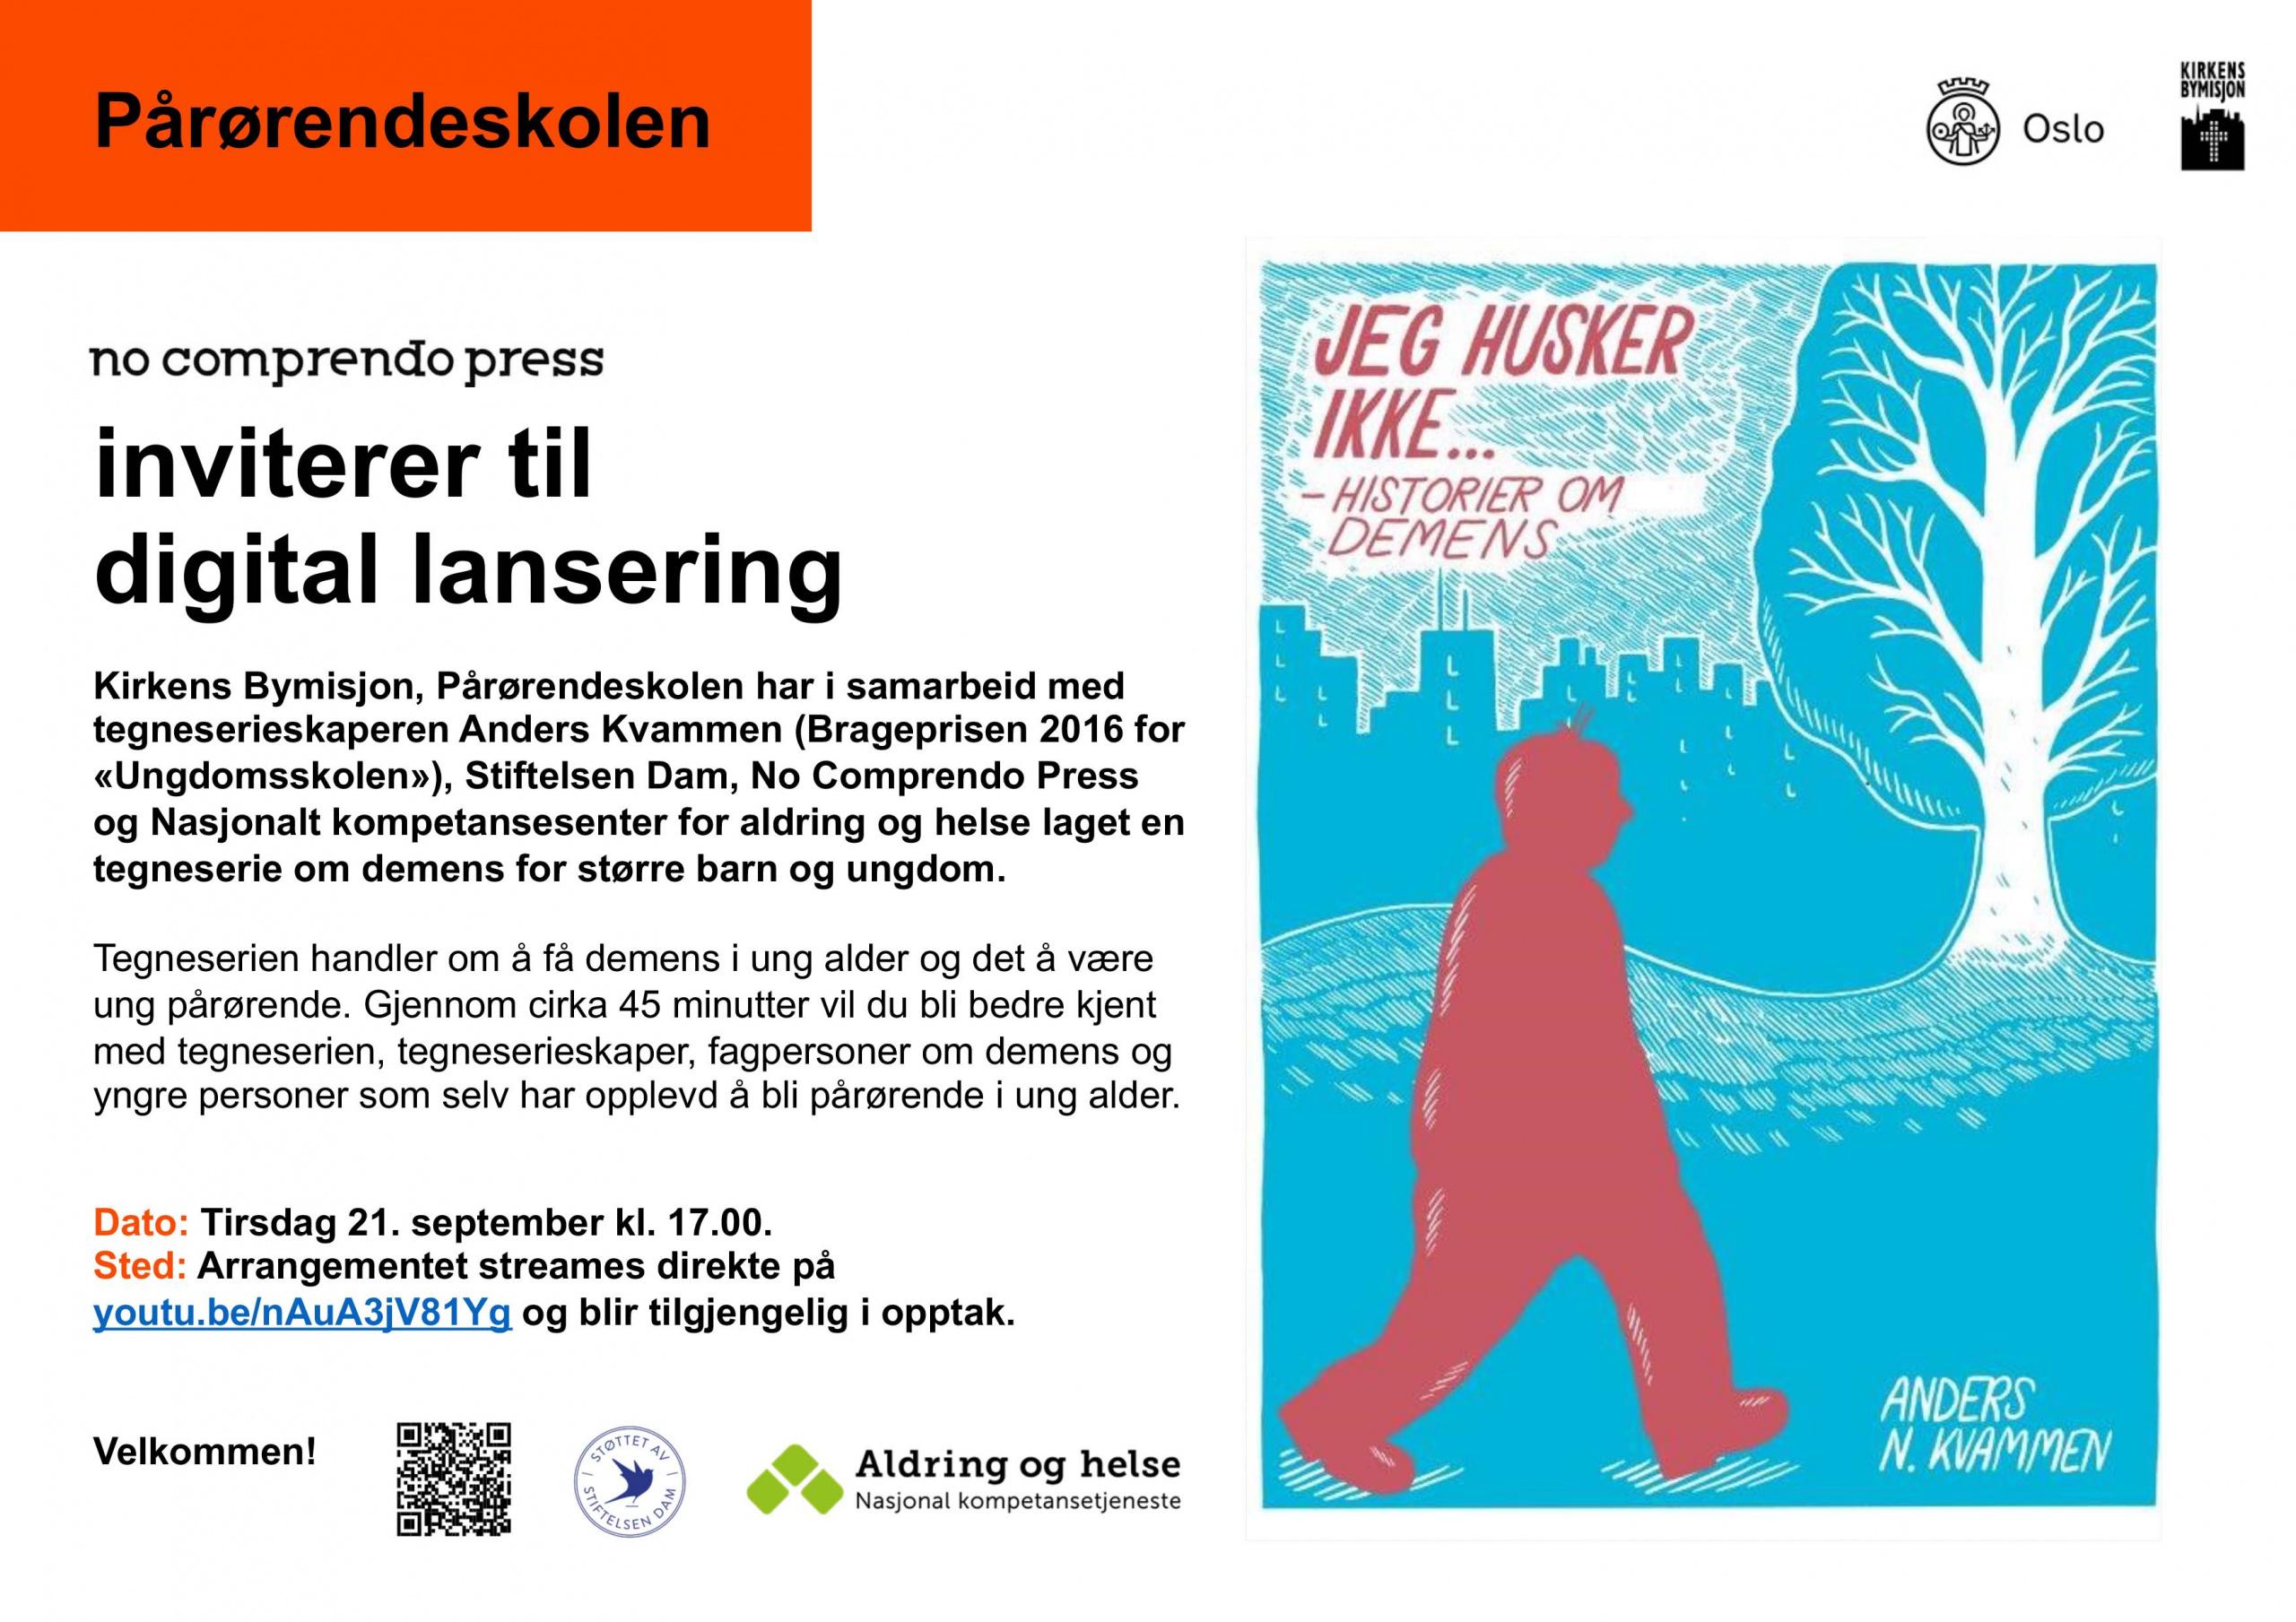 Digital lansering av tegneserie om demens. Plakat.